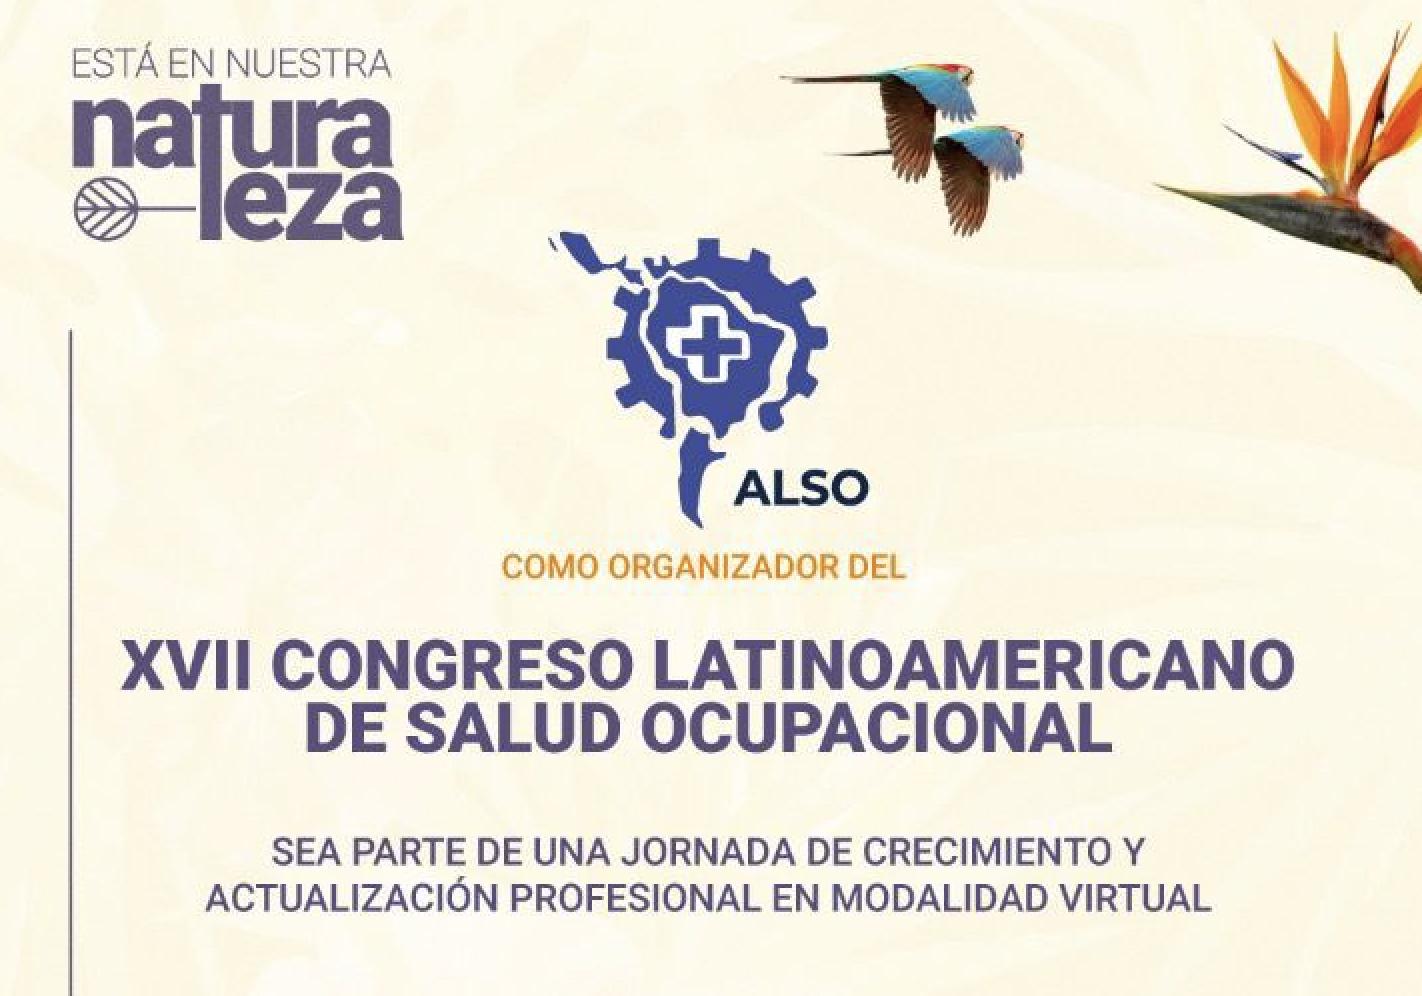 ASOMET en el XVII Congreso Latinoamericano de Salud Ocupacional.